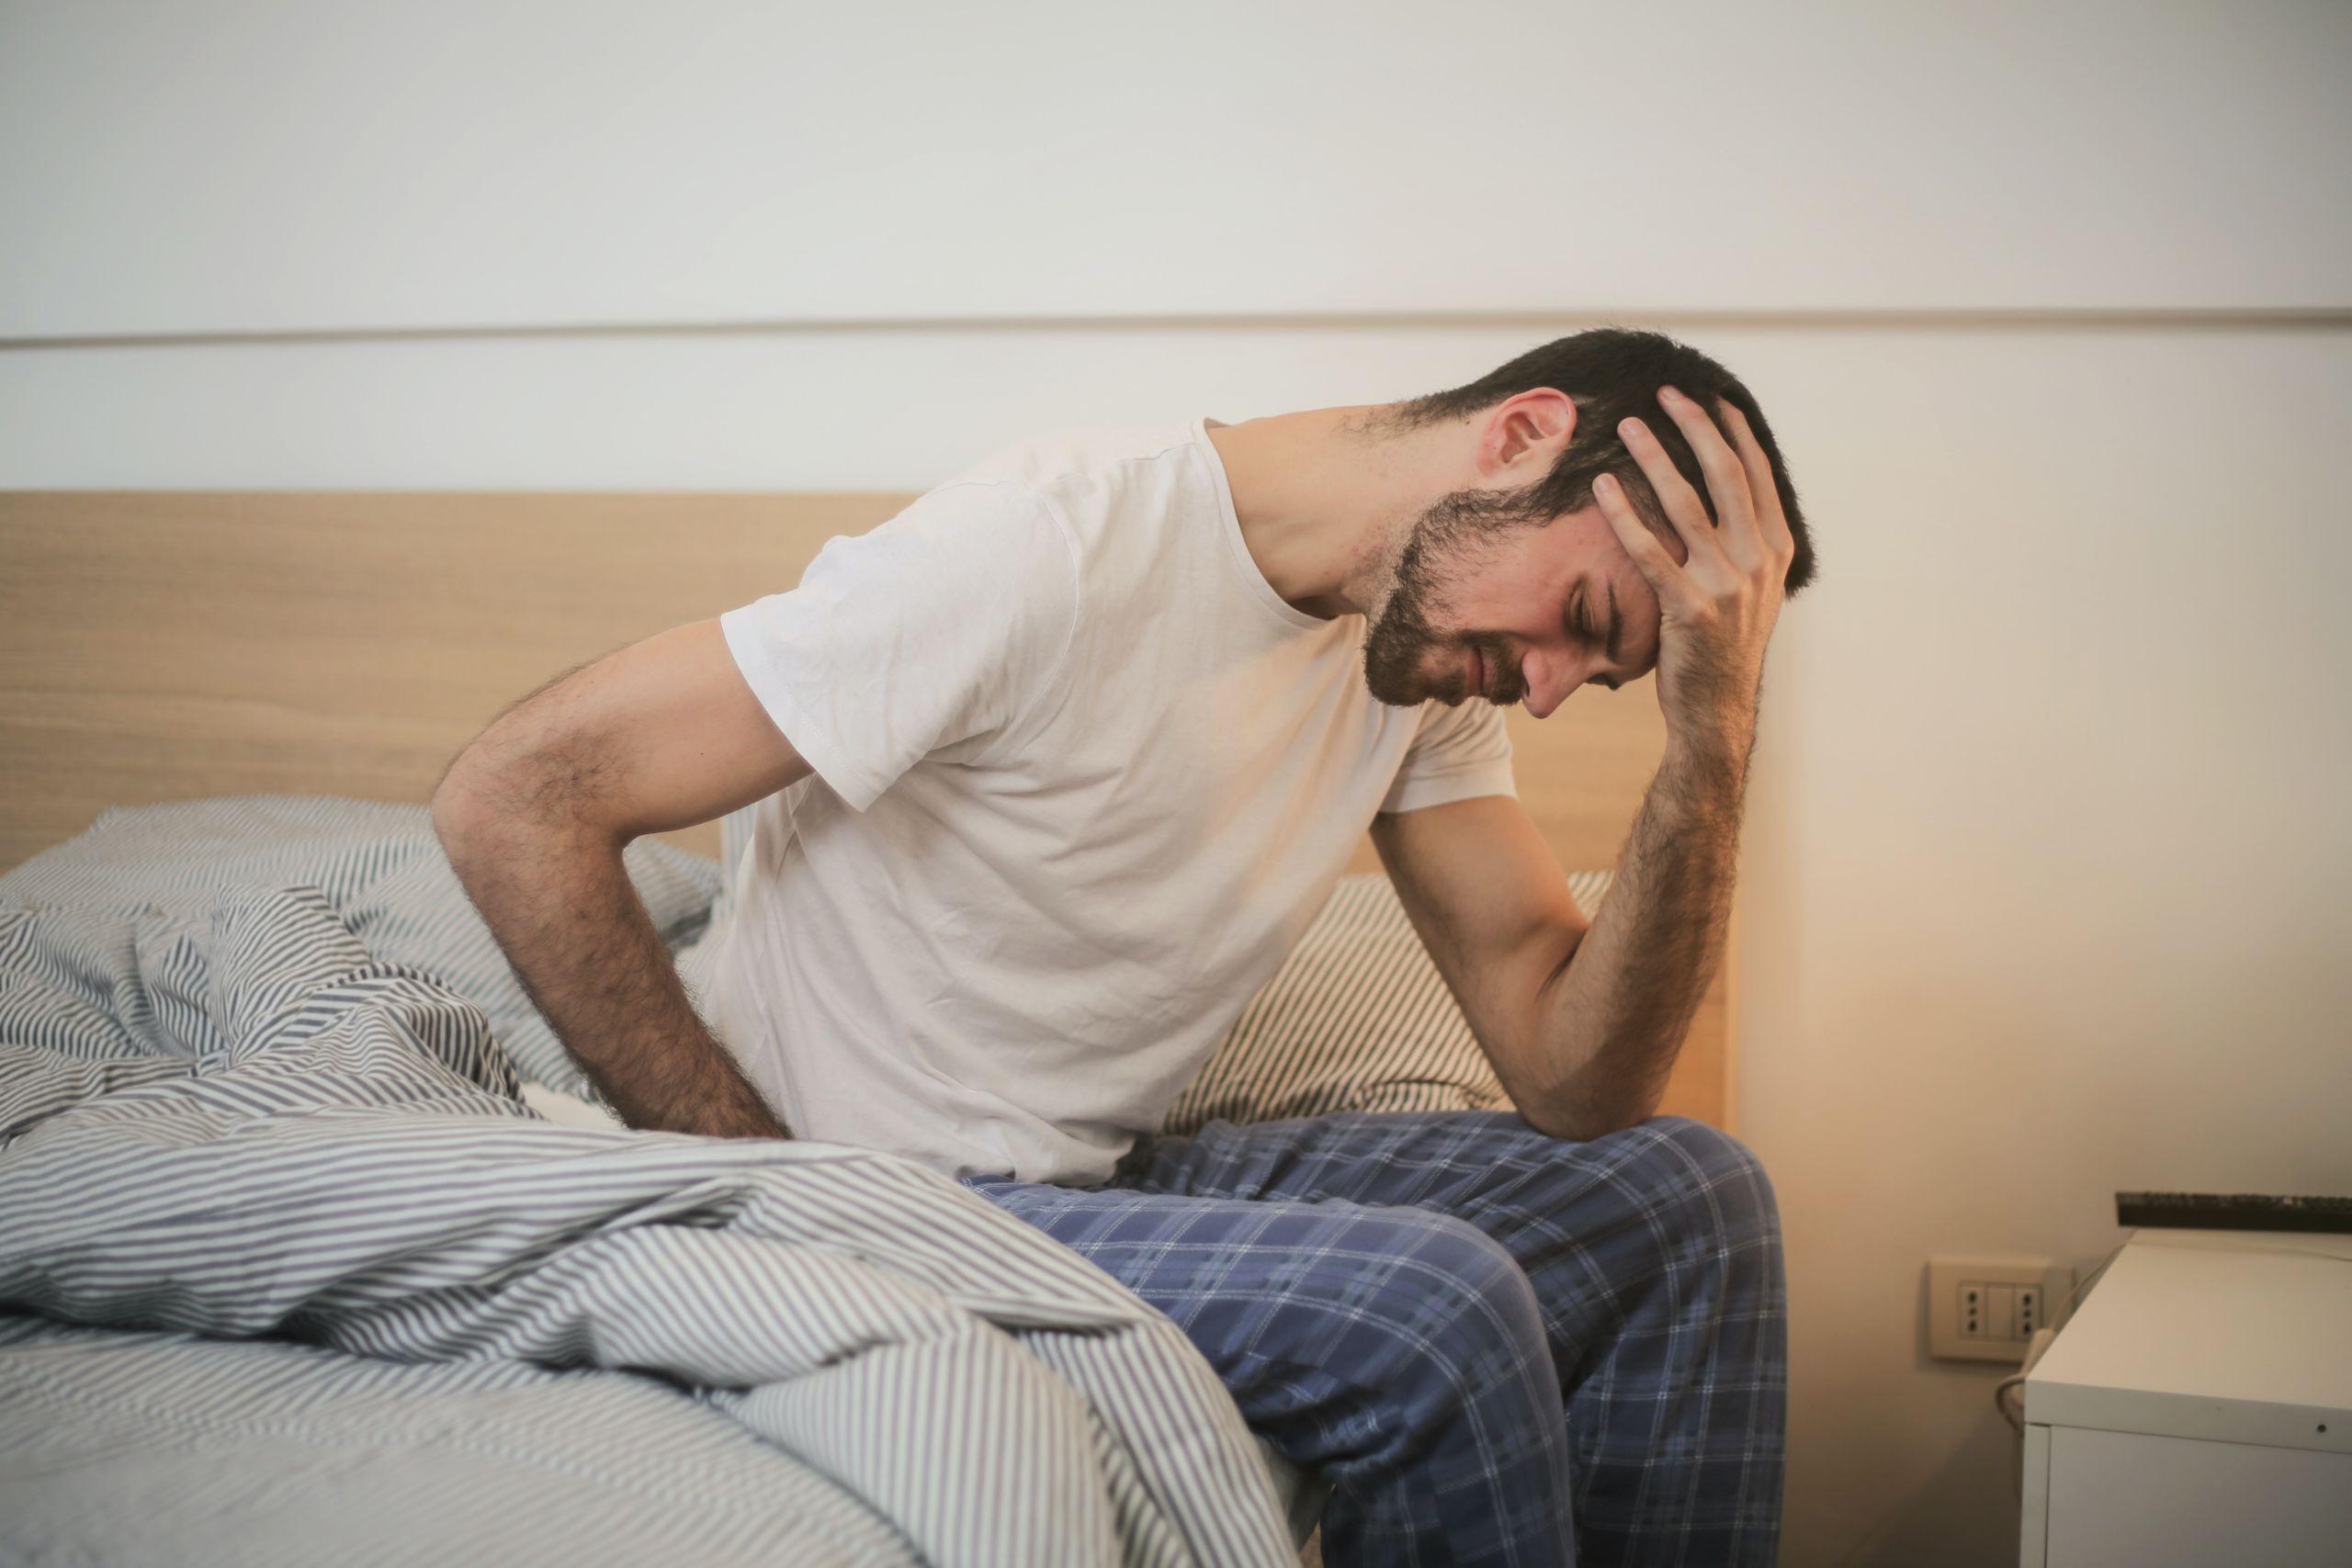 problemas para dormir y dolor